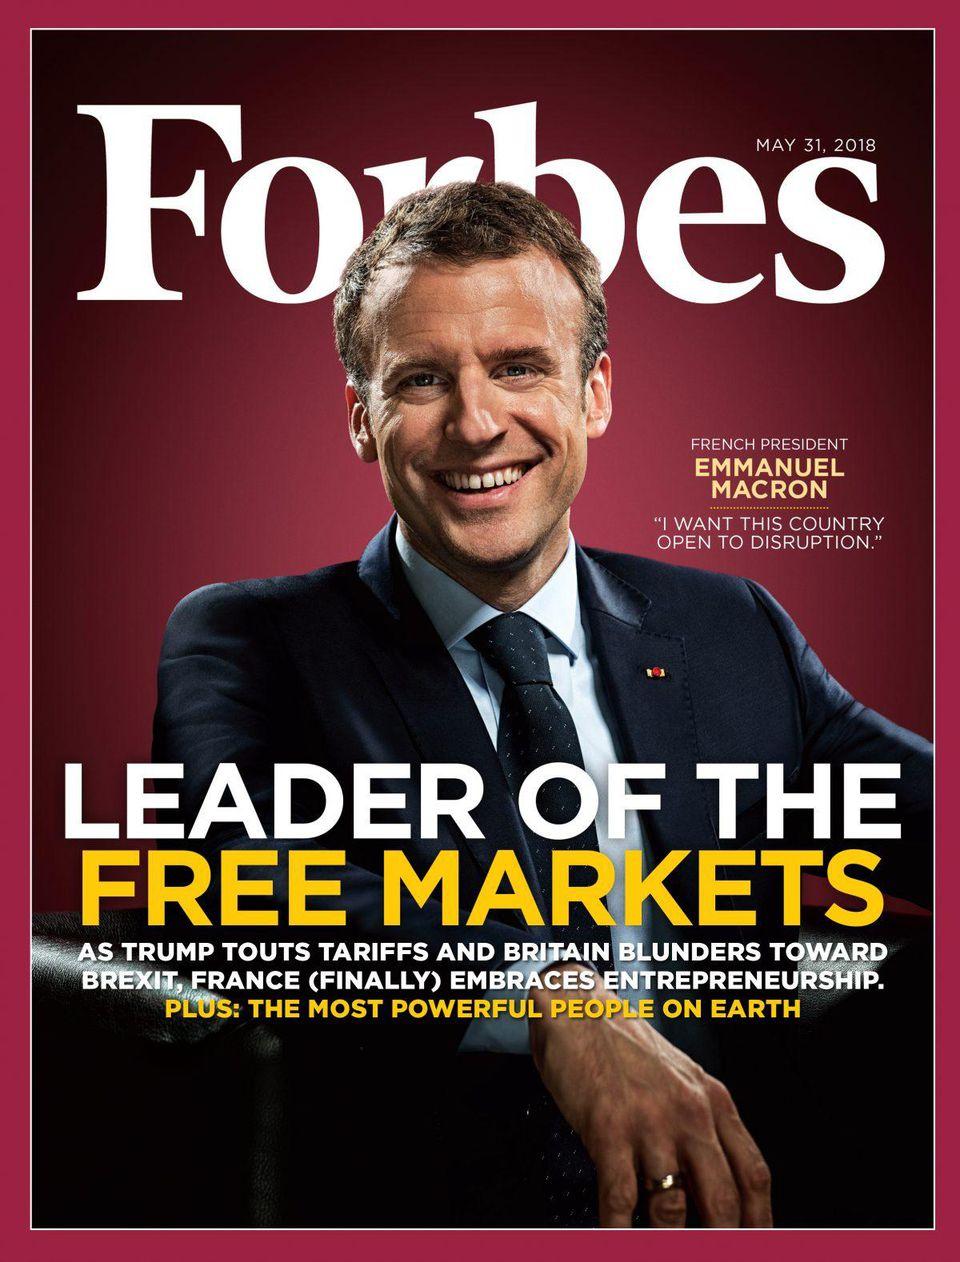 """""""Entrepreneurs is the New France"""" – Comment l'anglais d'entreprise renforce la classe dominante (Partie II)"""